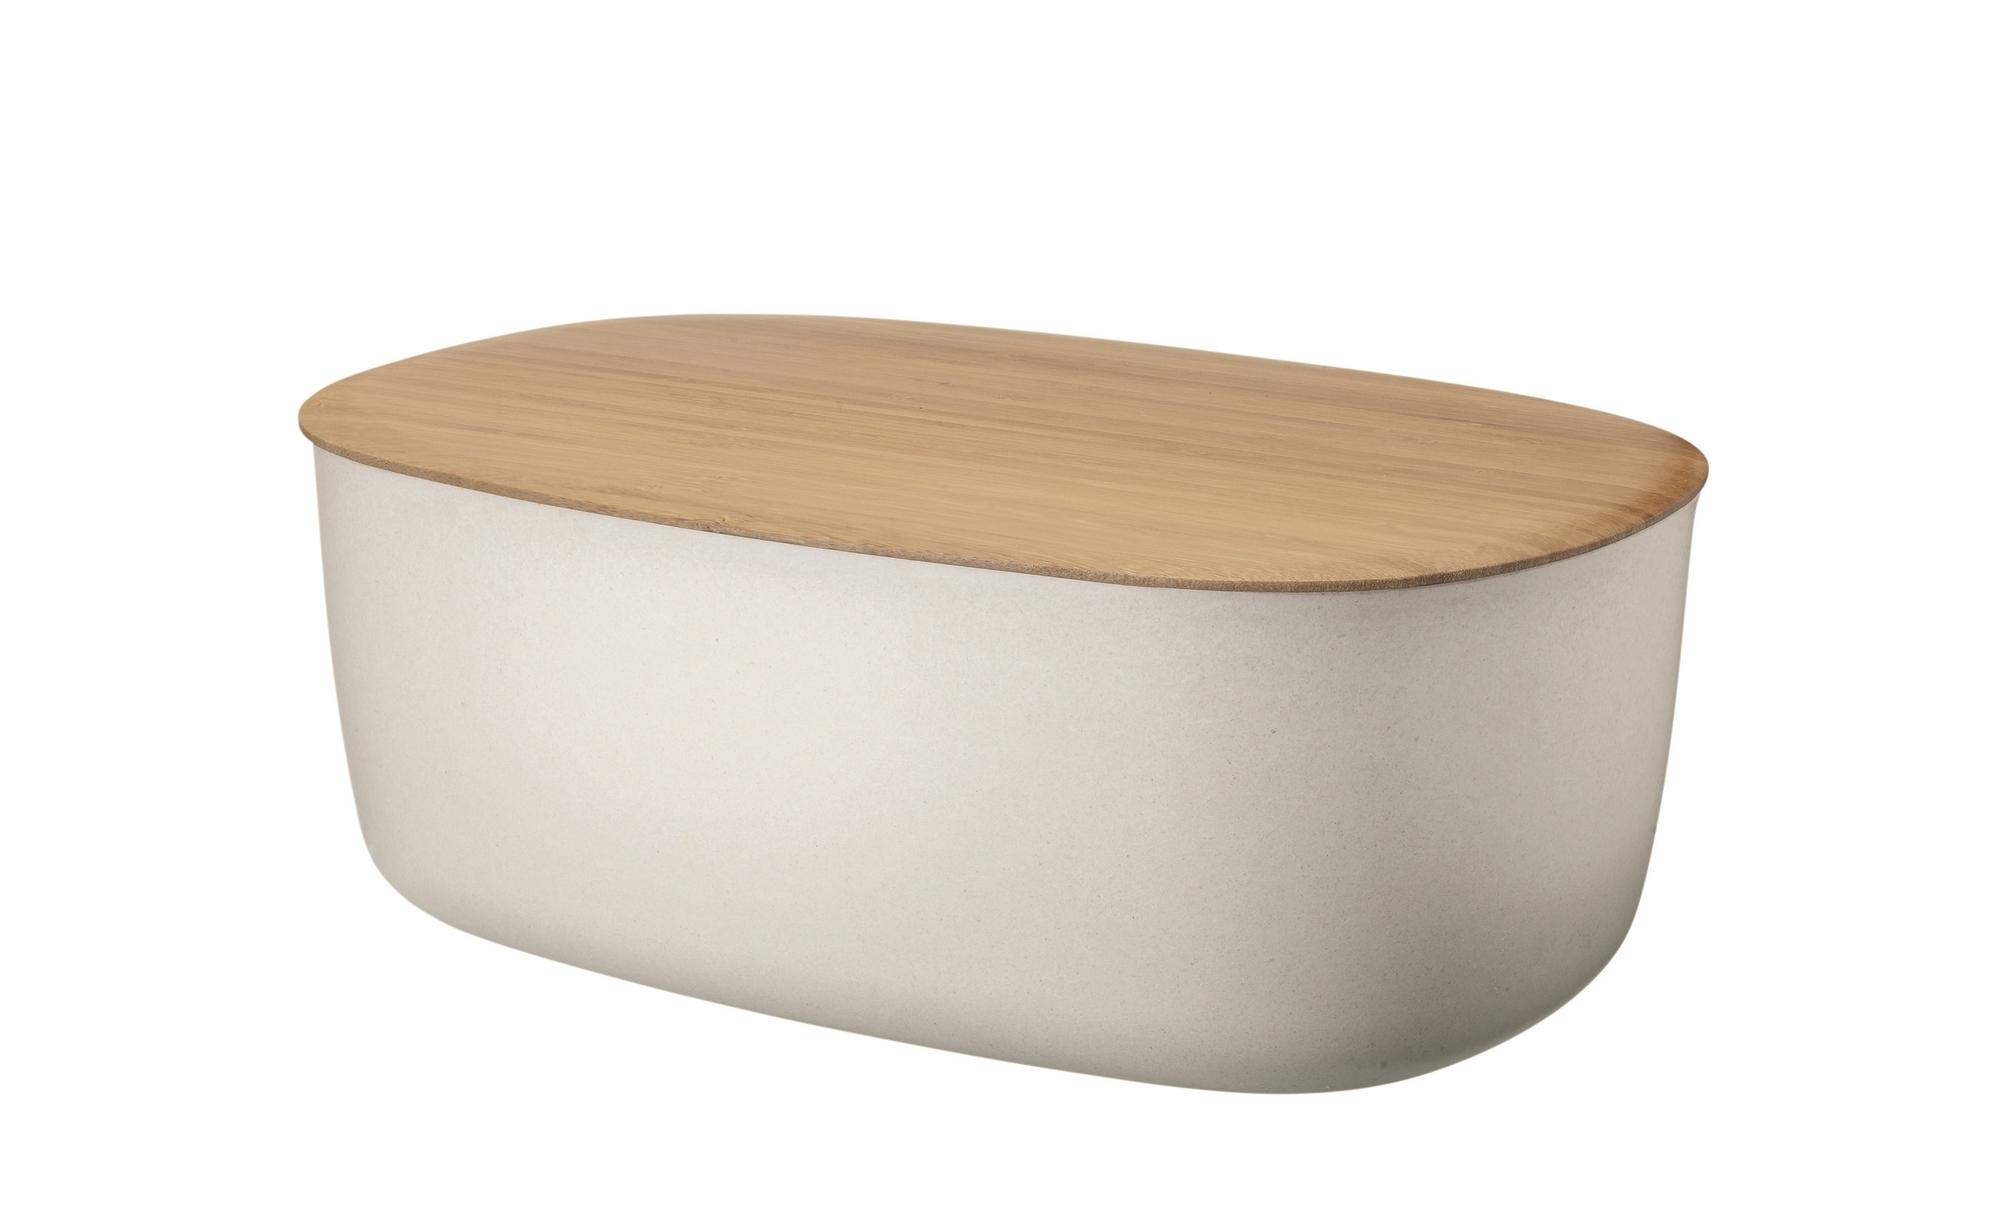 Box-It bread bin white Stelton